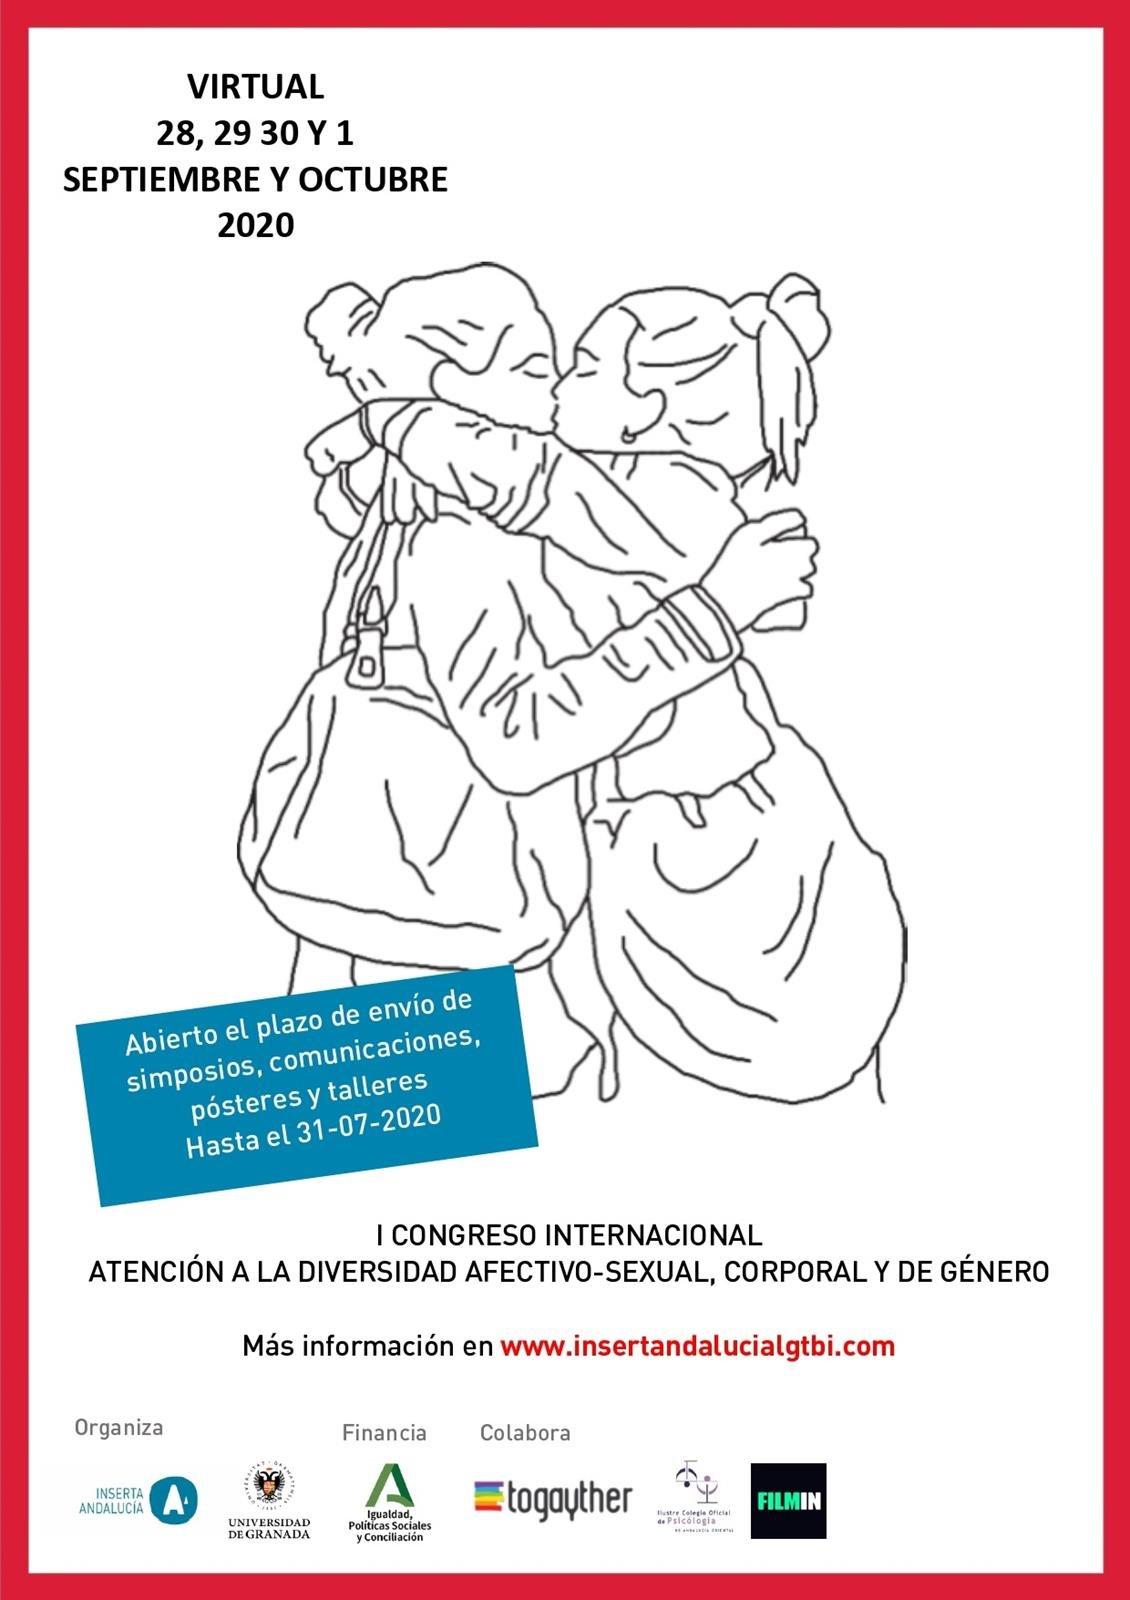 Impulsan el I Congreso Internacional LGTBI sobre diversidad afectivo-sexual, corporal y de género